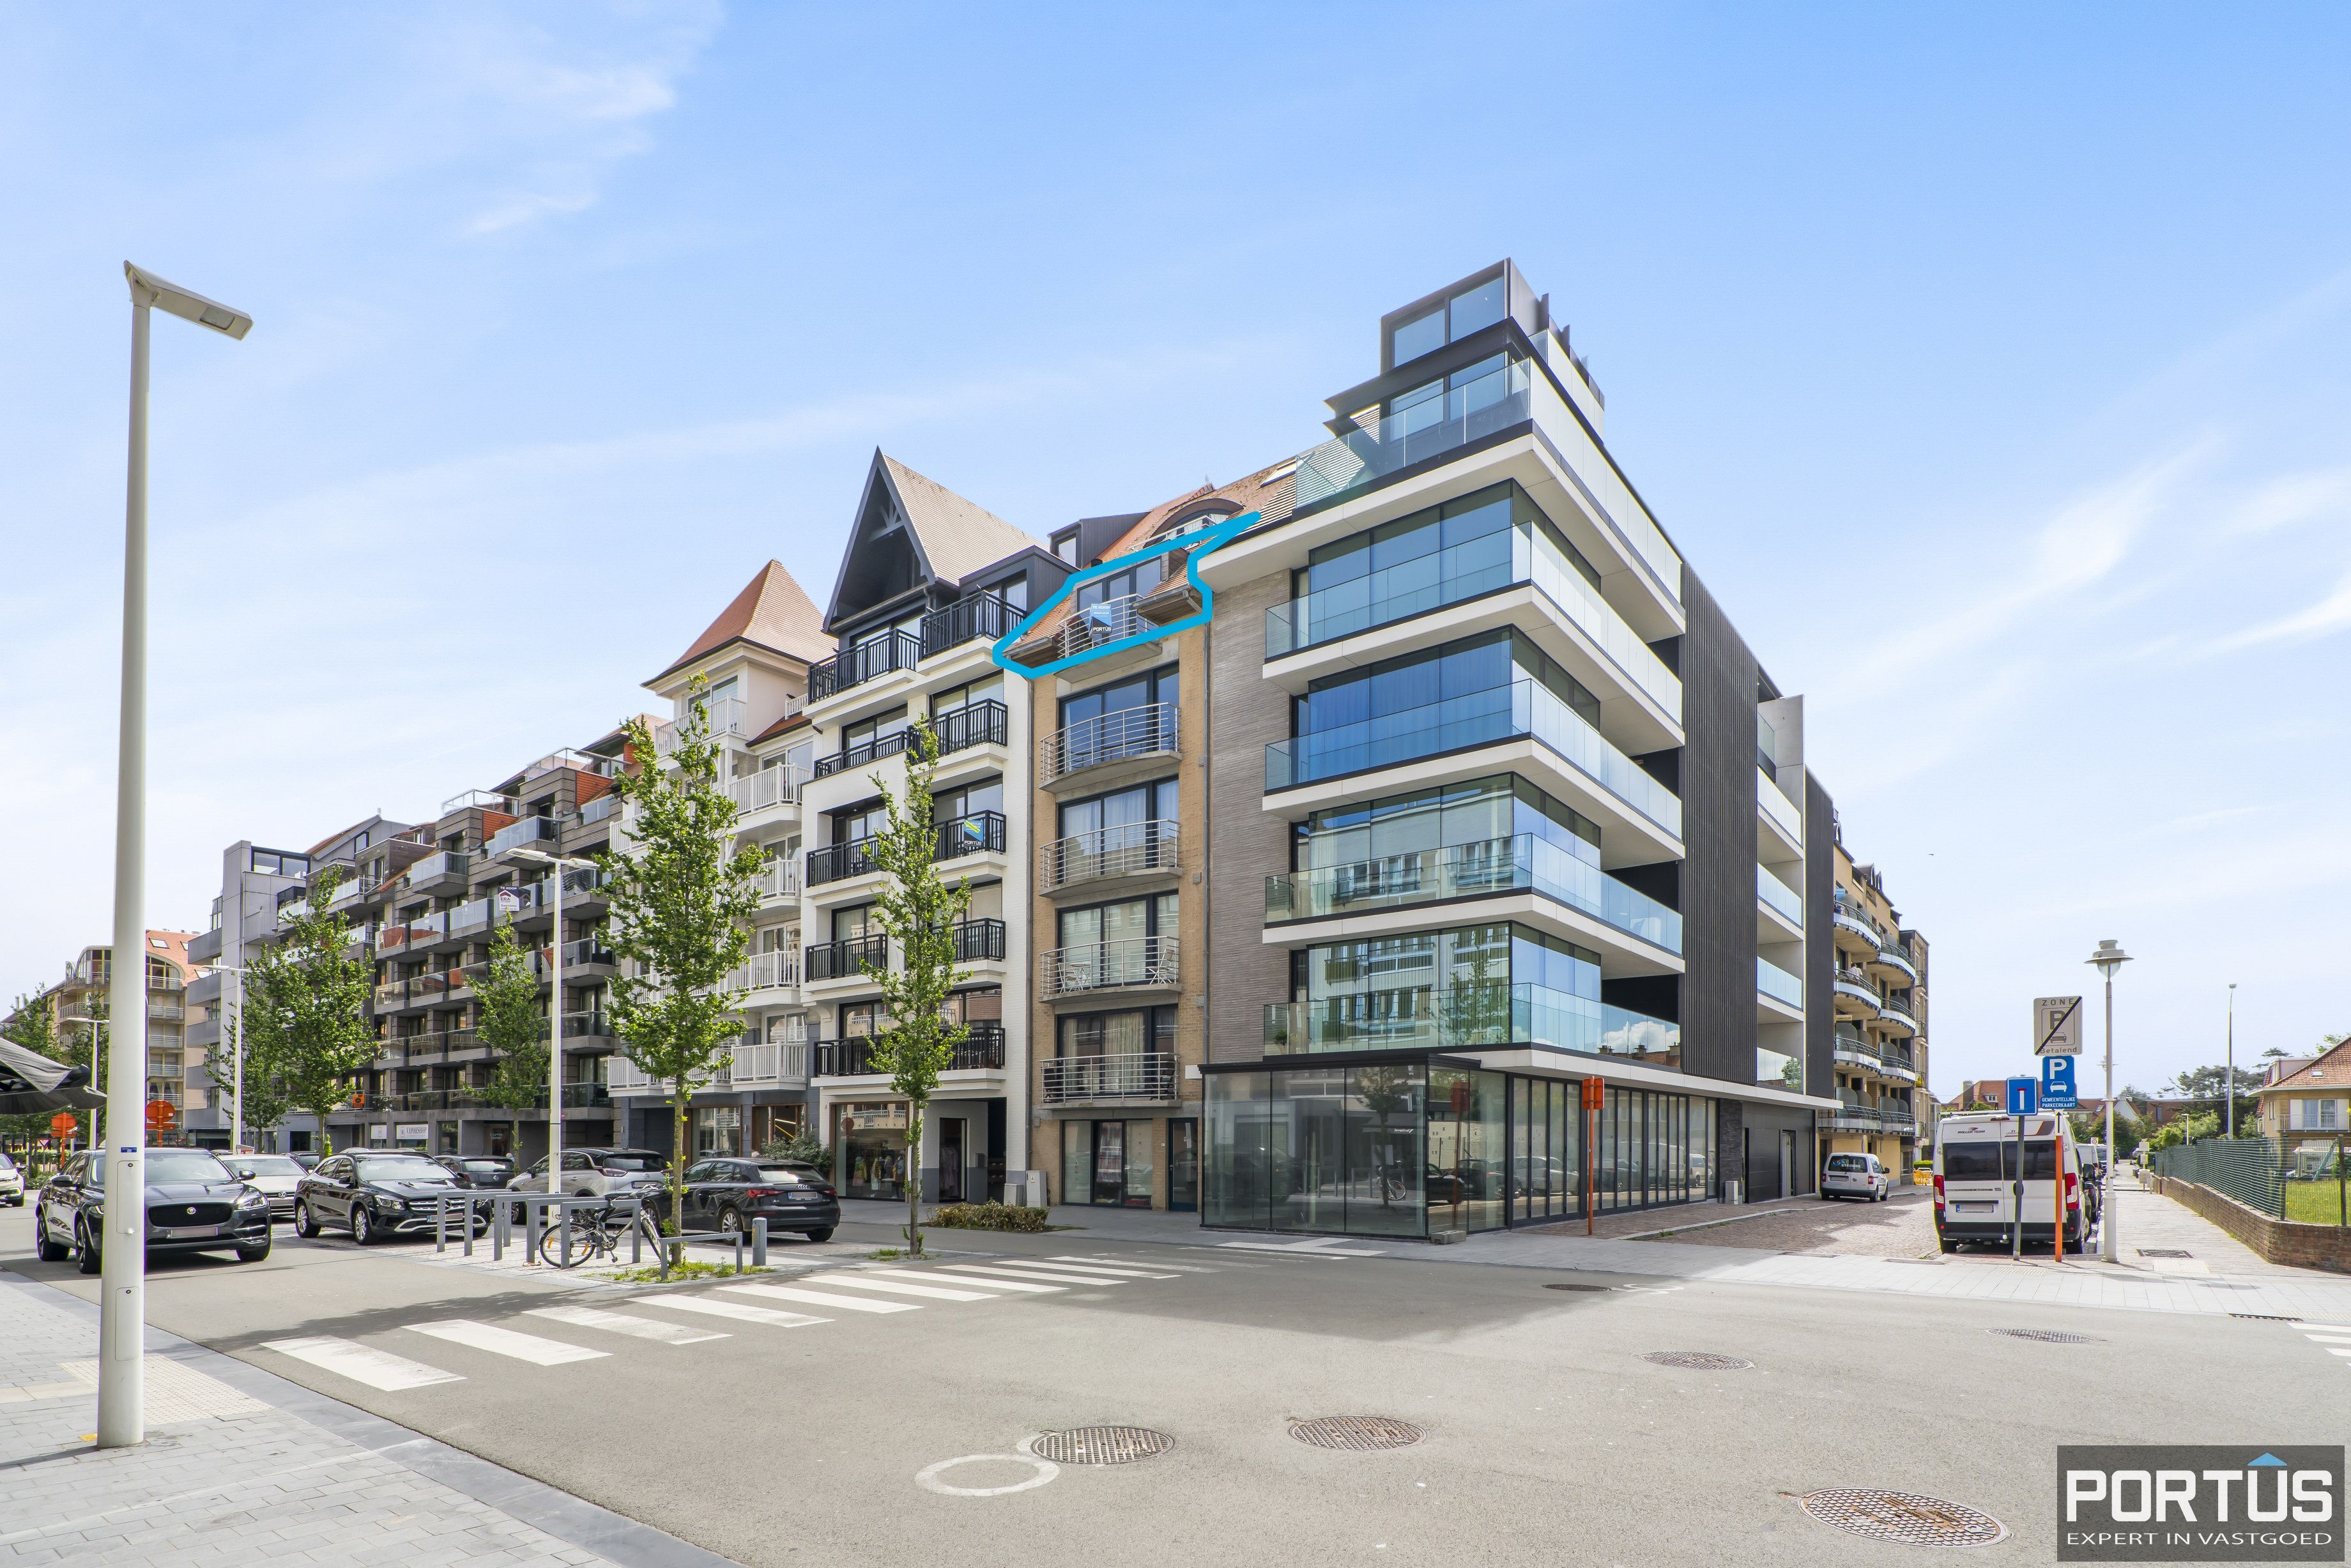 Appartement op wandelafstand van het strand te koop te Nieuwpoort-Bad - 13880